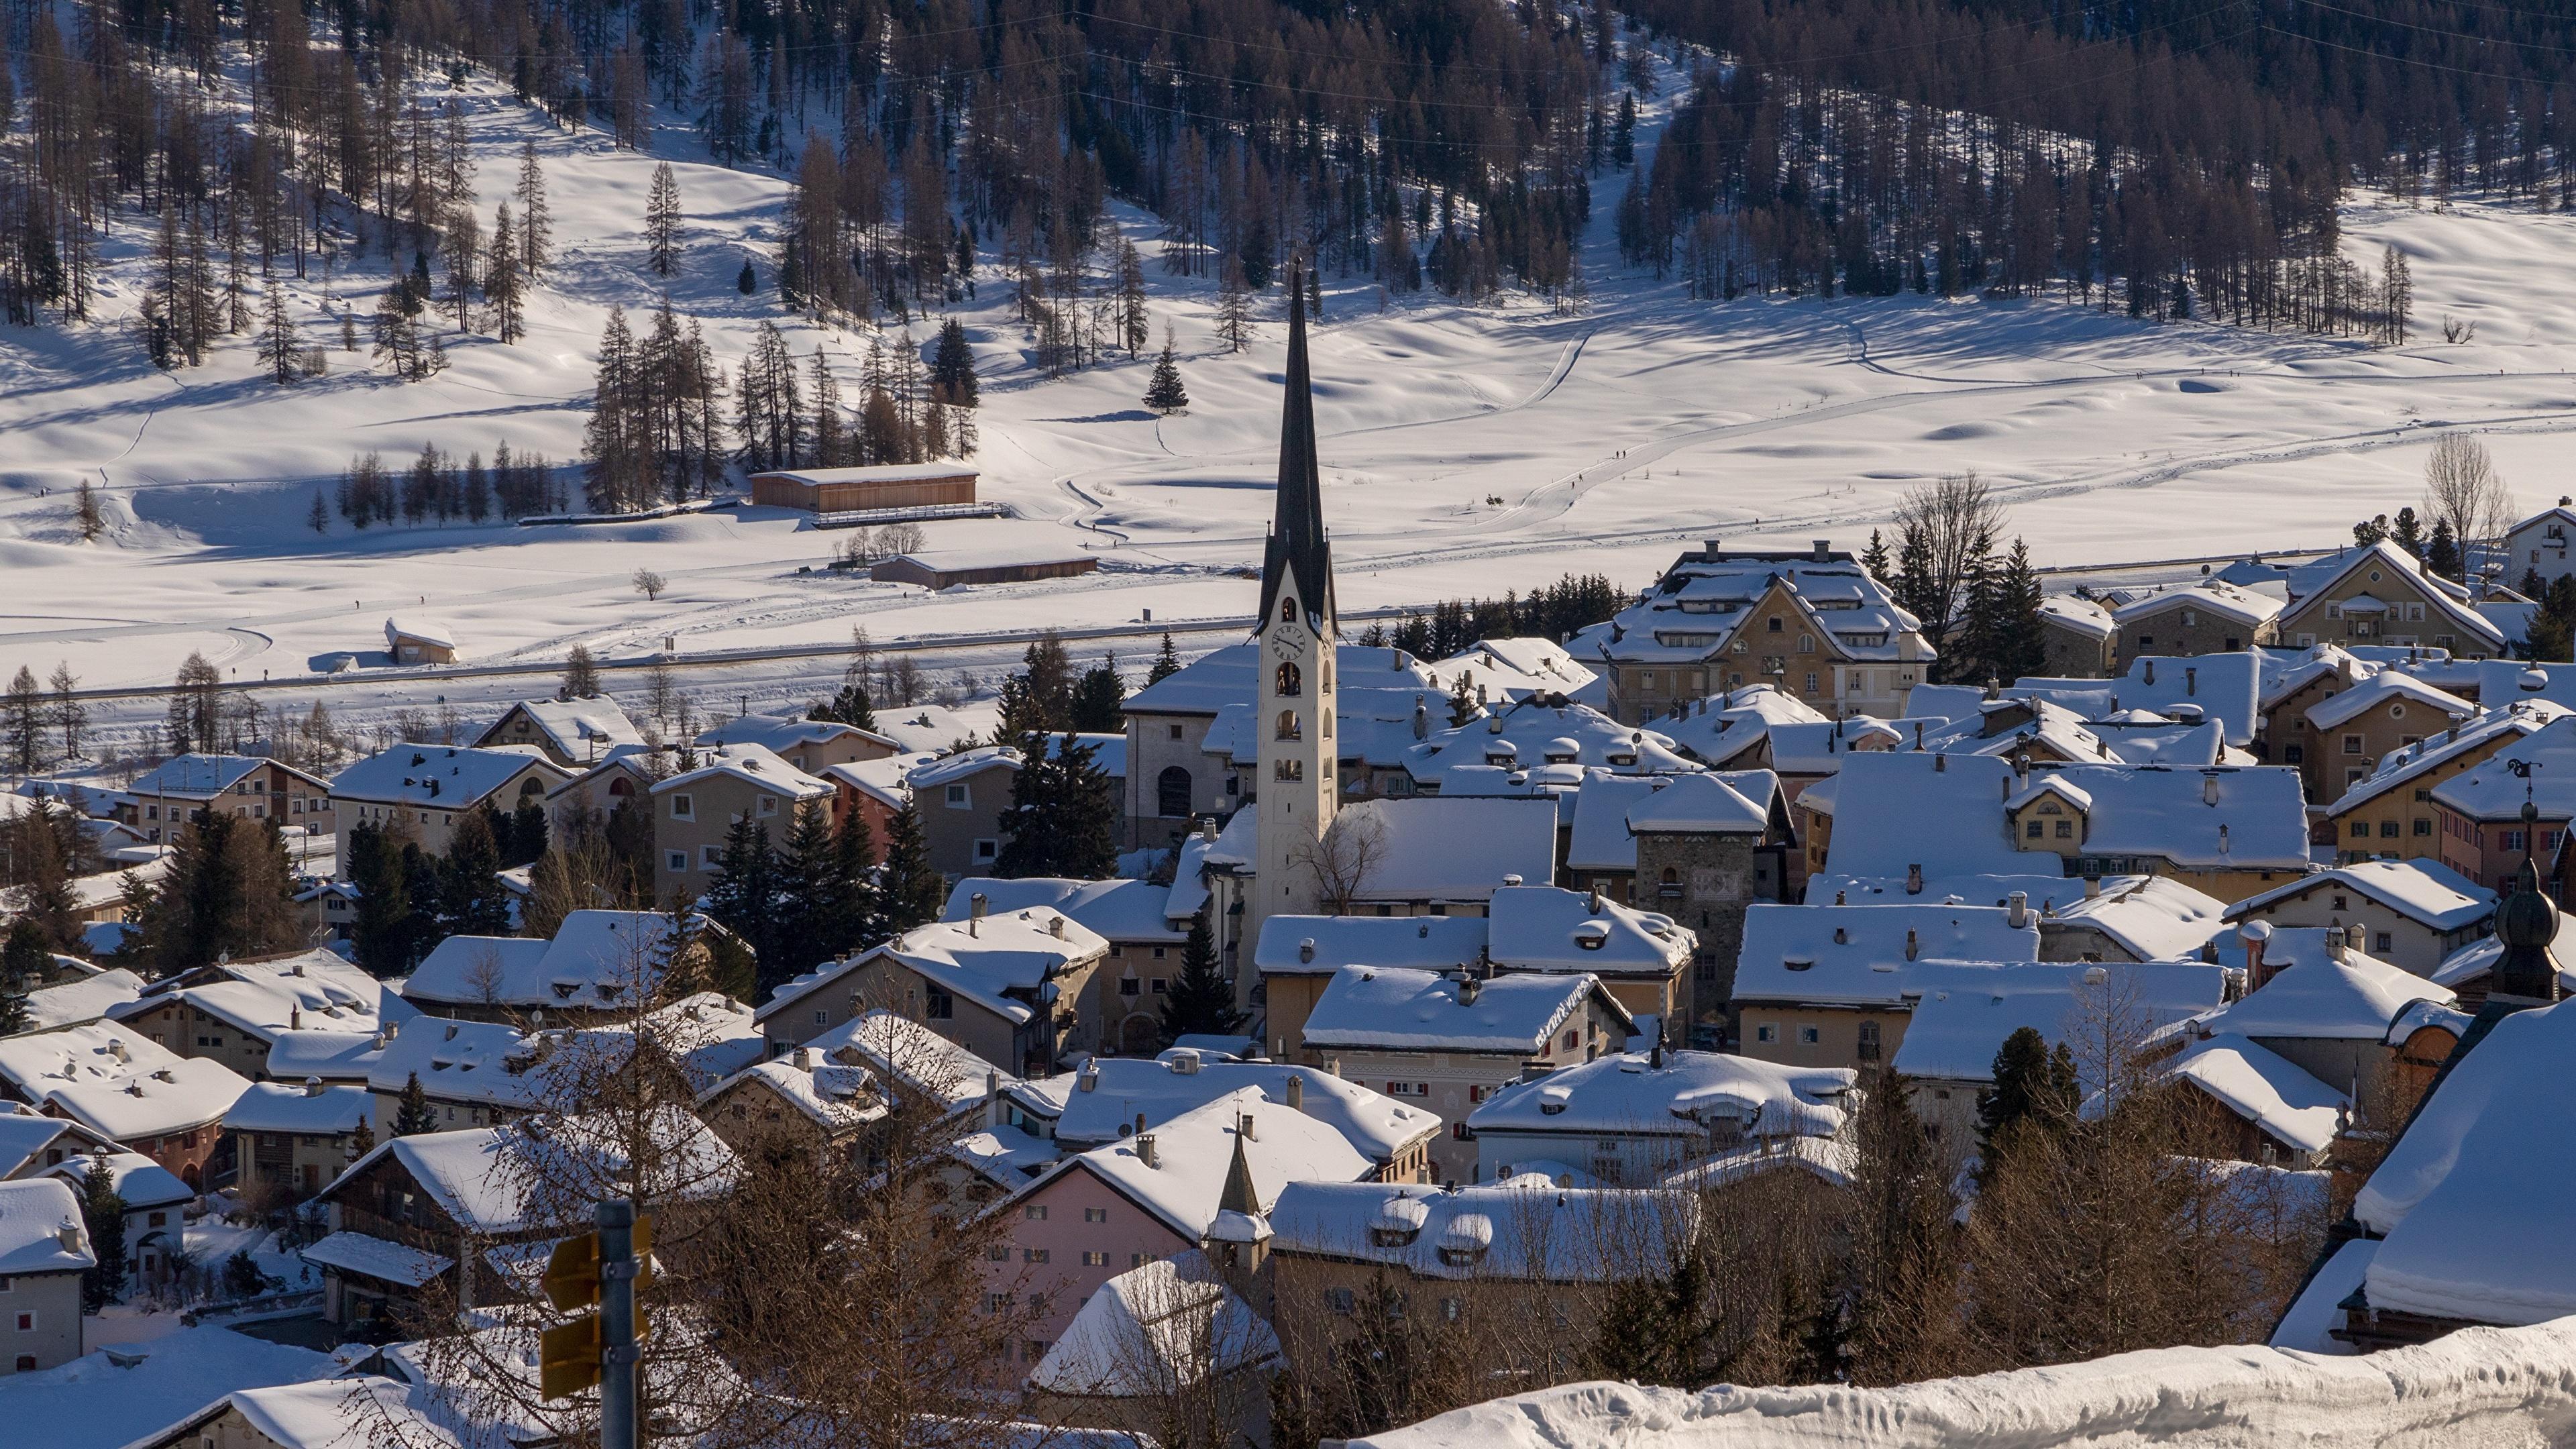 Foto La chiesa Svizzera Il villaggio Inverno Neve Città La casa 3840x2160 insediamento umano edificio